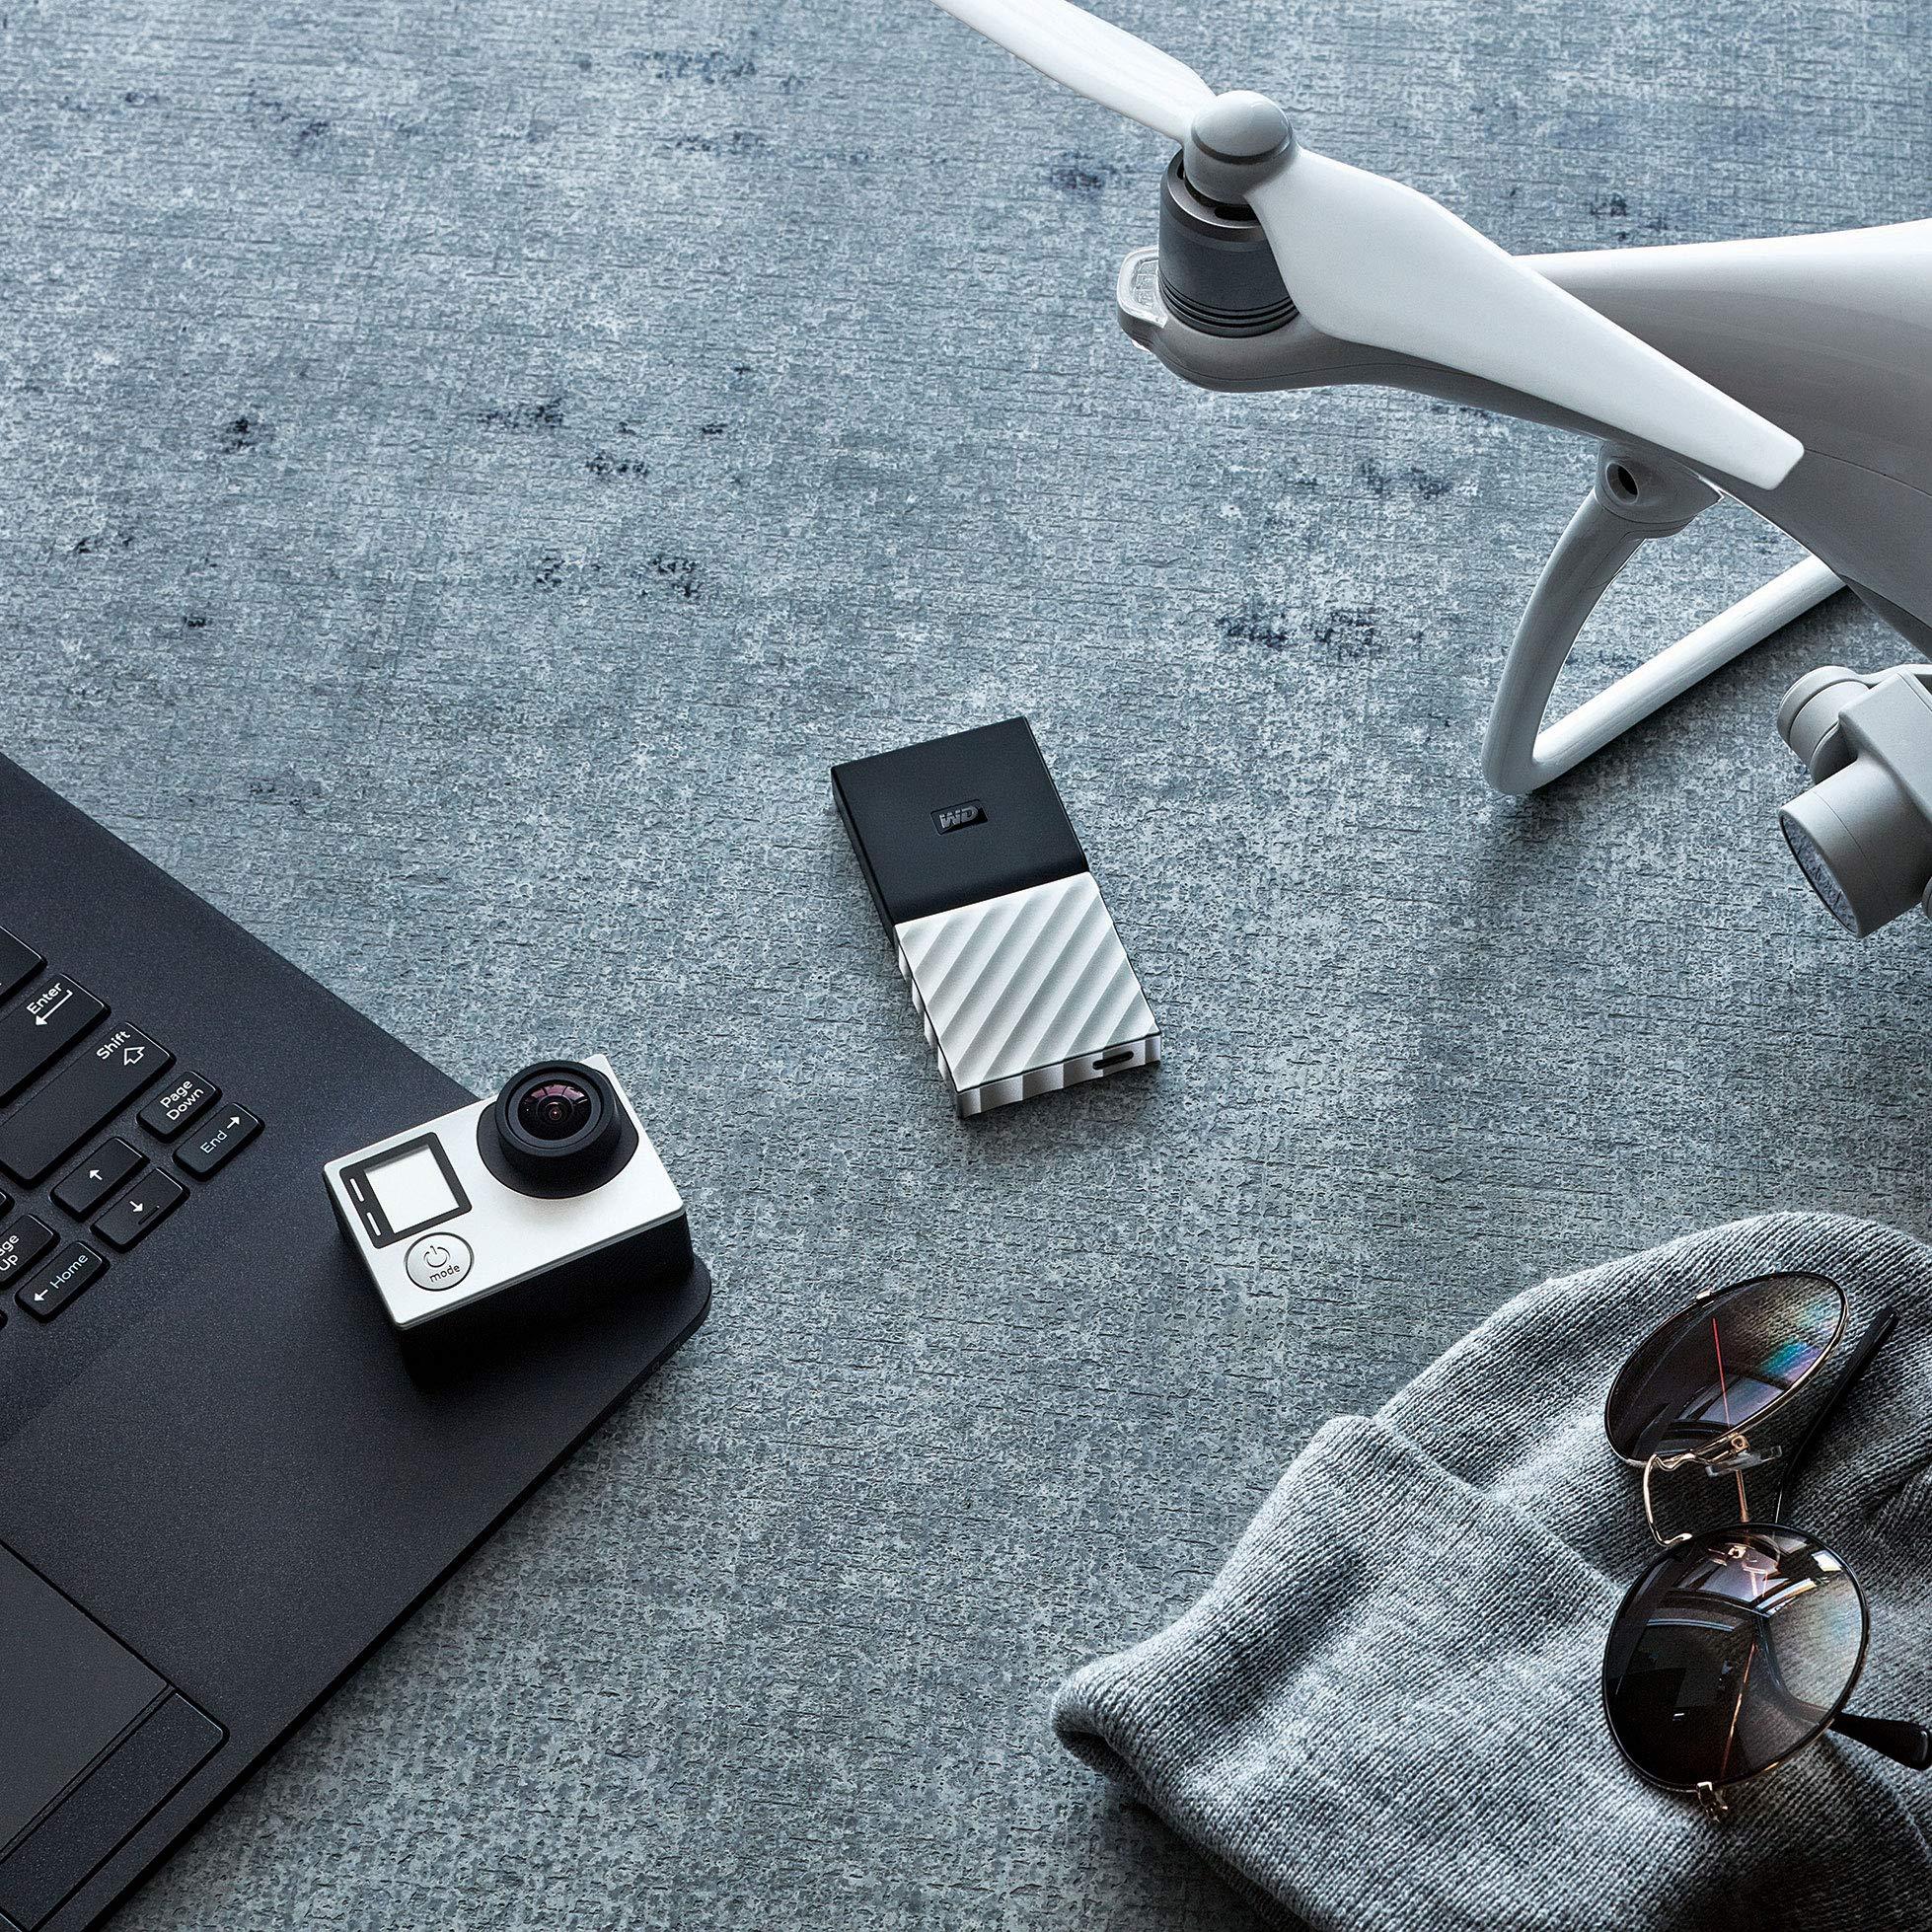 WD 2TB My Passport SSD Portable Storage - USB 3.1 - Black-Gray - WDBKVX0020PSL-WESN by Western Digital (Image #8)